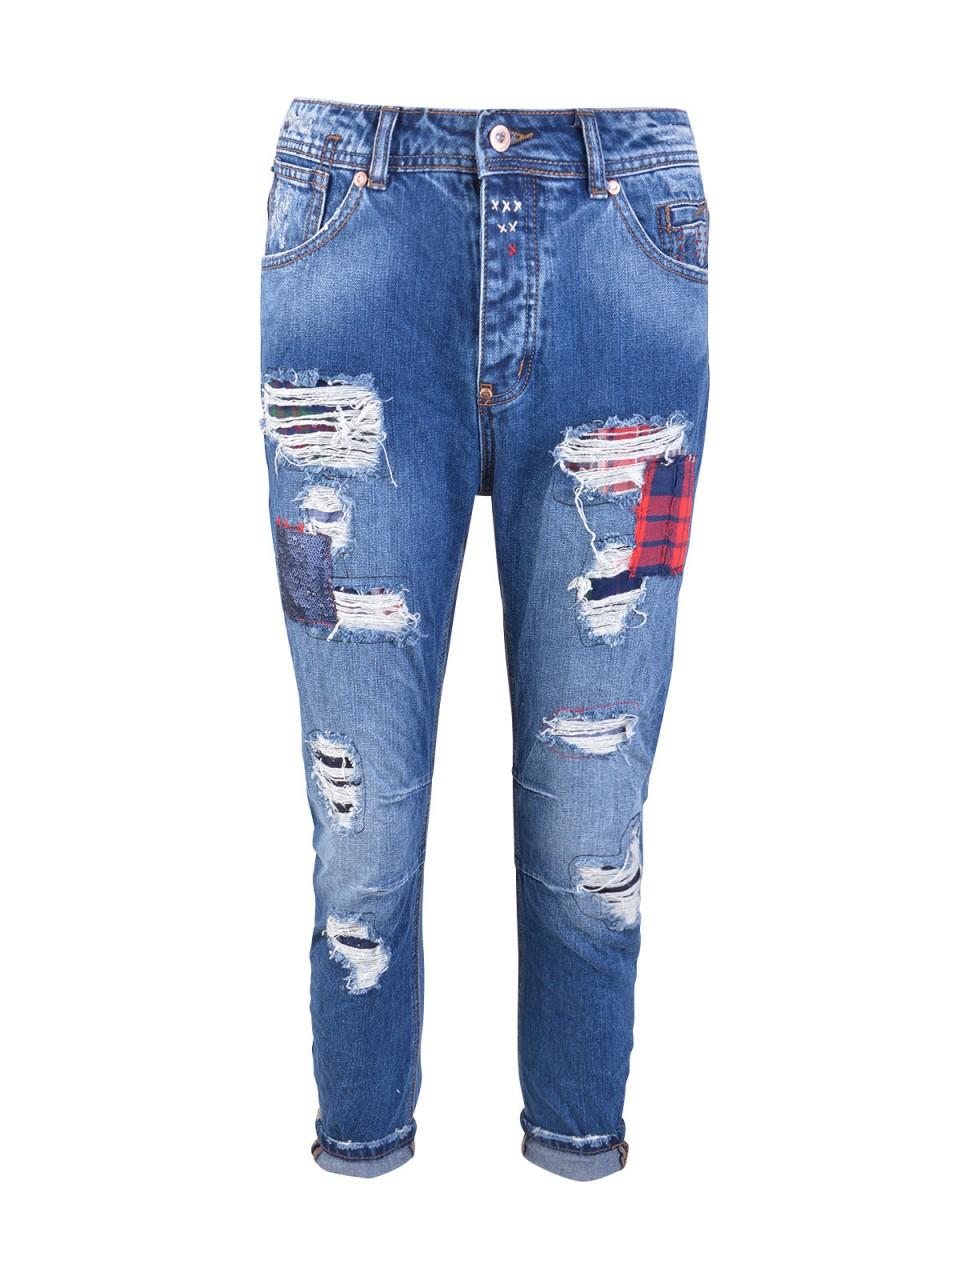 Hosen für Frauen - WIYA Damen Ankle Jeans Sophie , dunkelblau  - Onlineshop Designermode.com